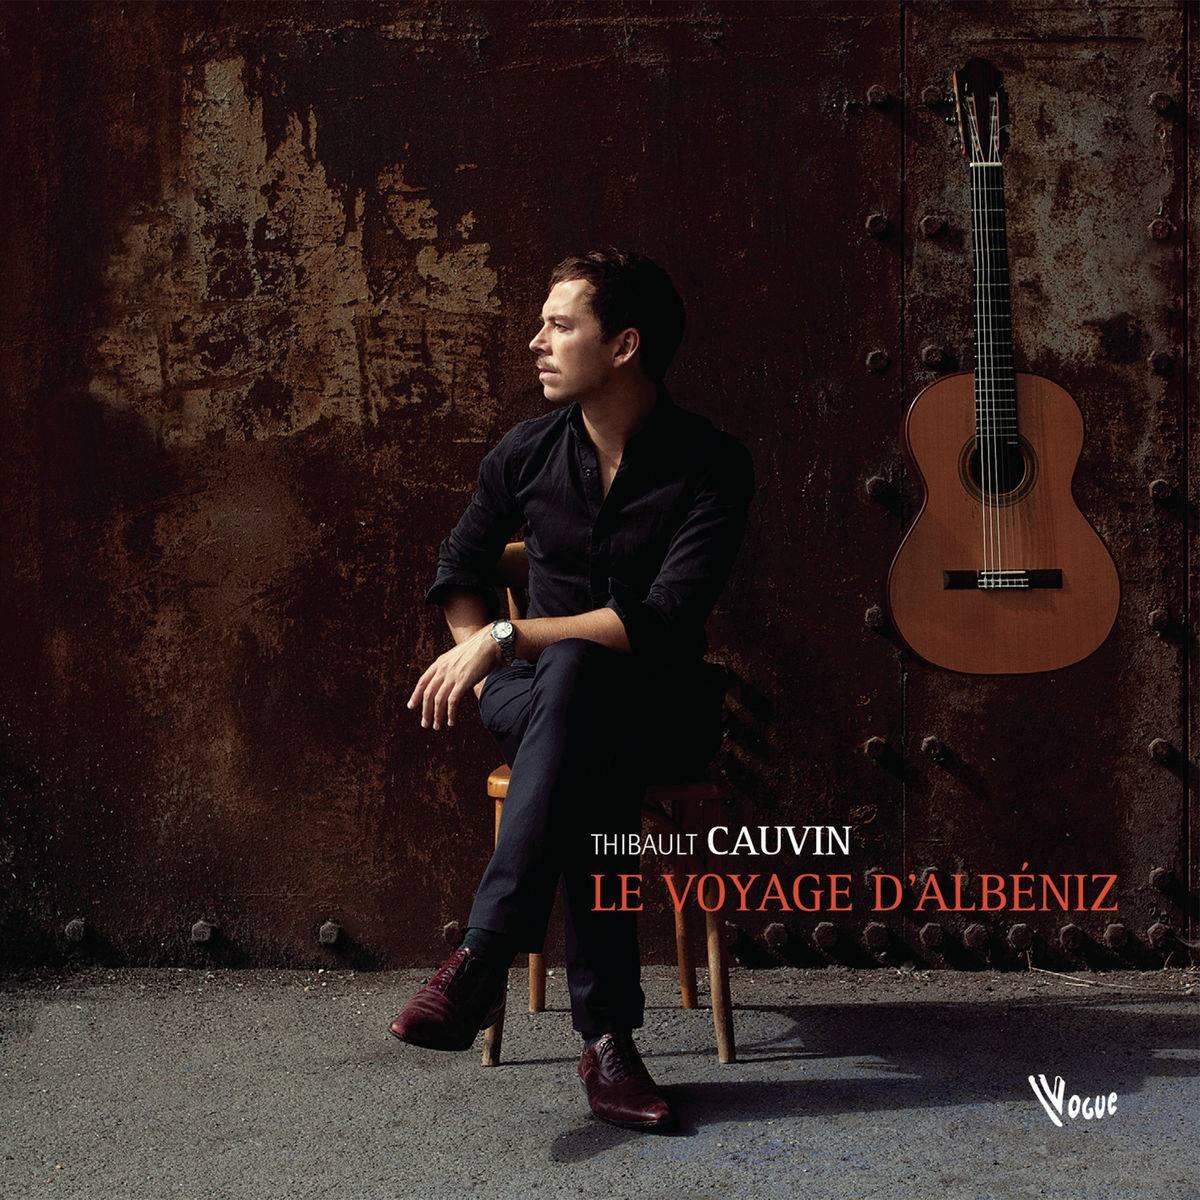 Thibault Cauvin - Le voyage d'Albéniz (2014) [Official Digital Download 24/88]